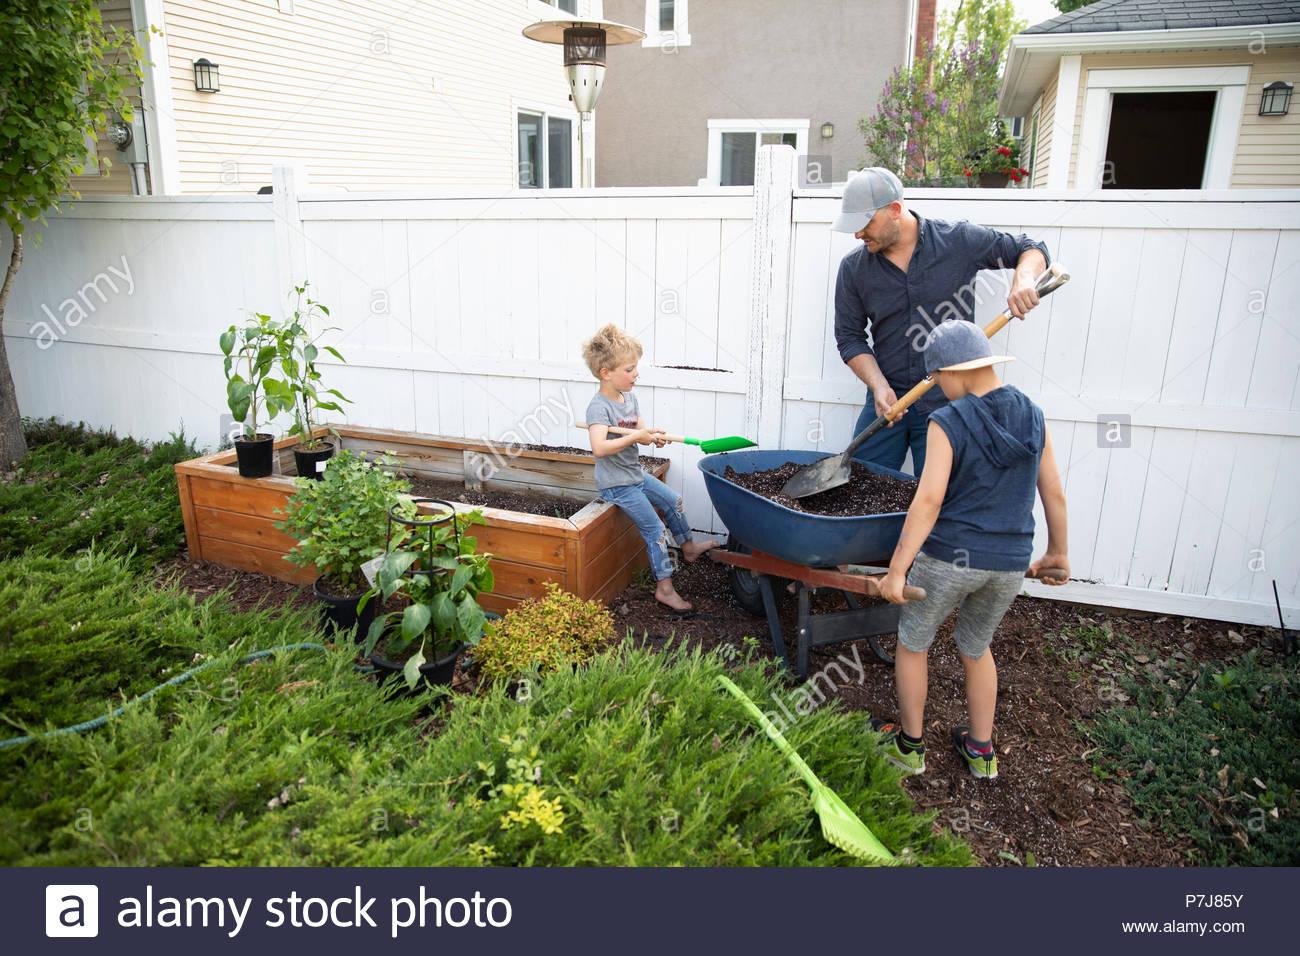 Père et fils jardinage en cour arrière Photo Stock